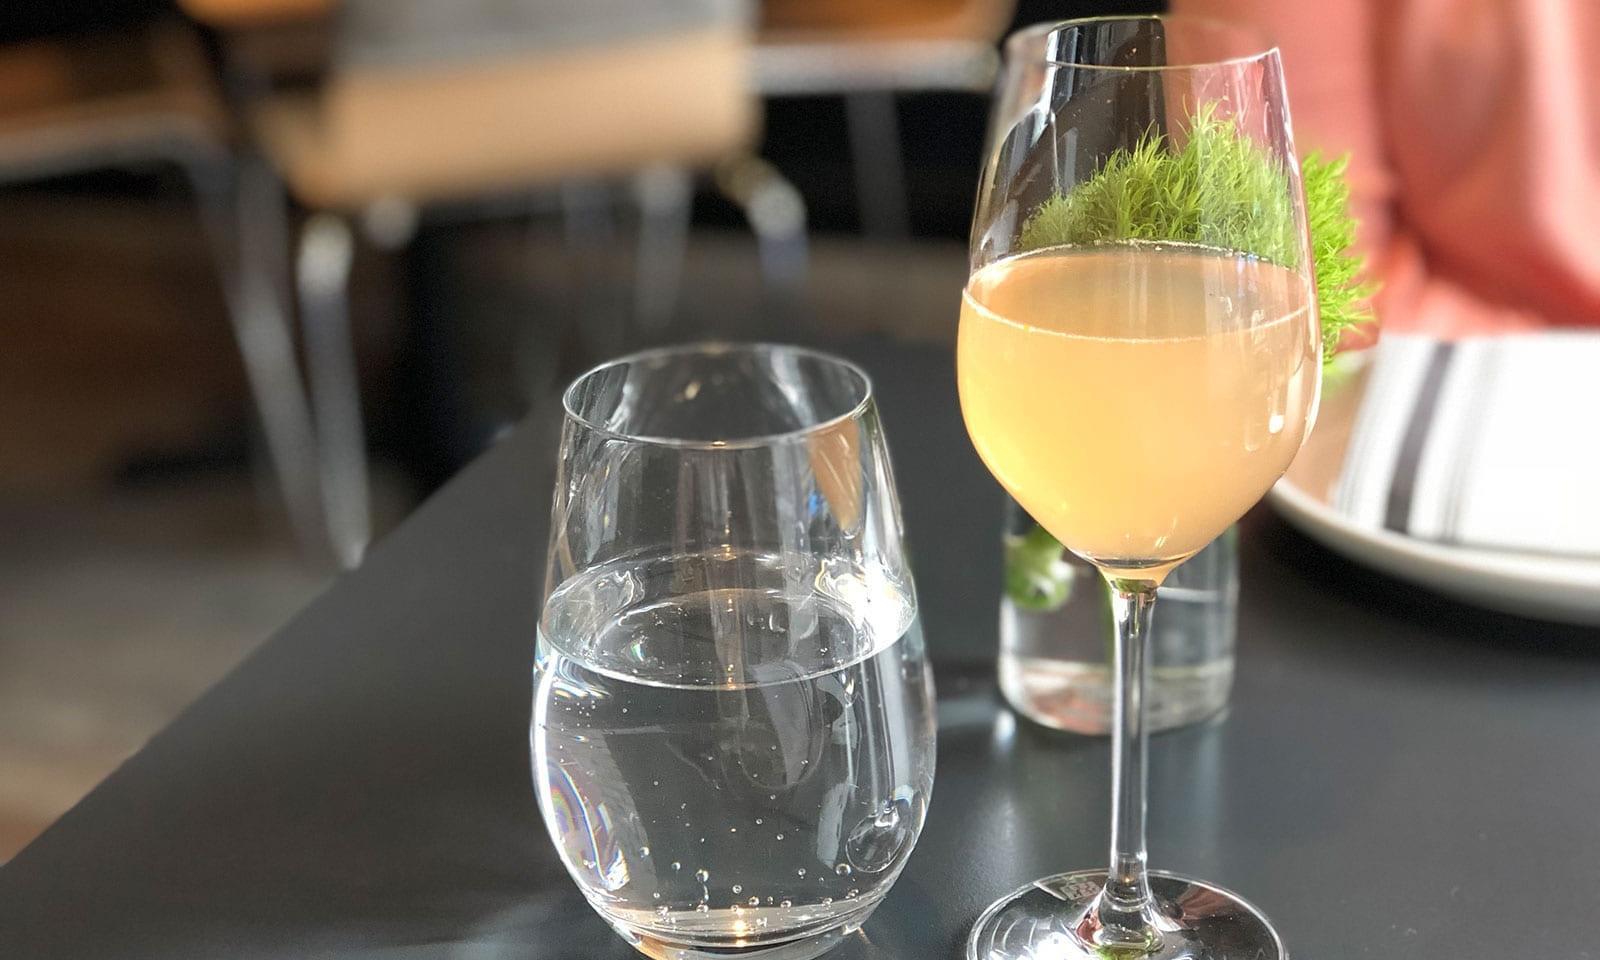 Tolle Loring Küche Und Bar Zeitgenössisch - Küchenschrank Ideen ...